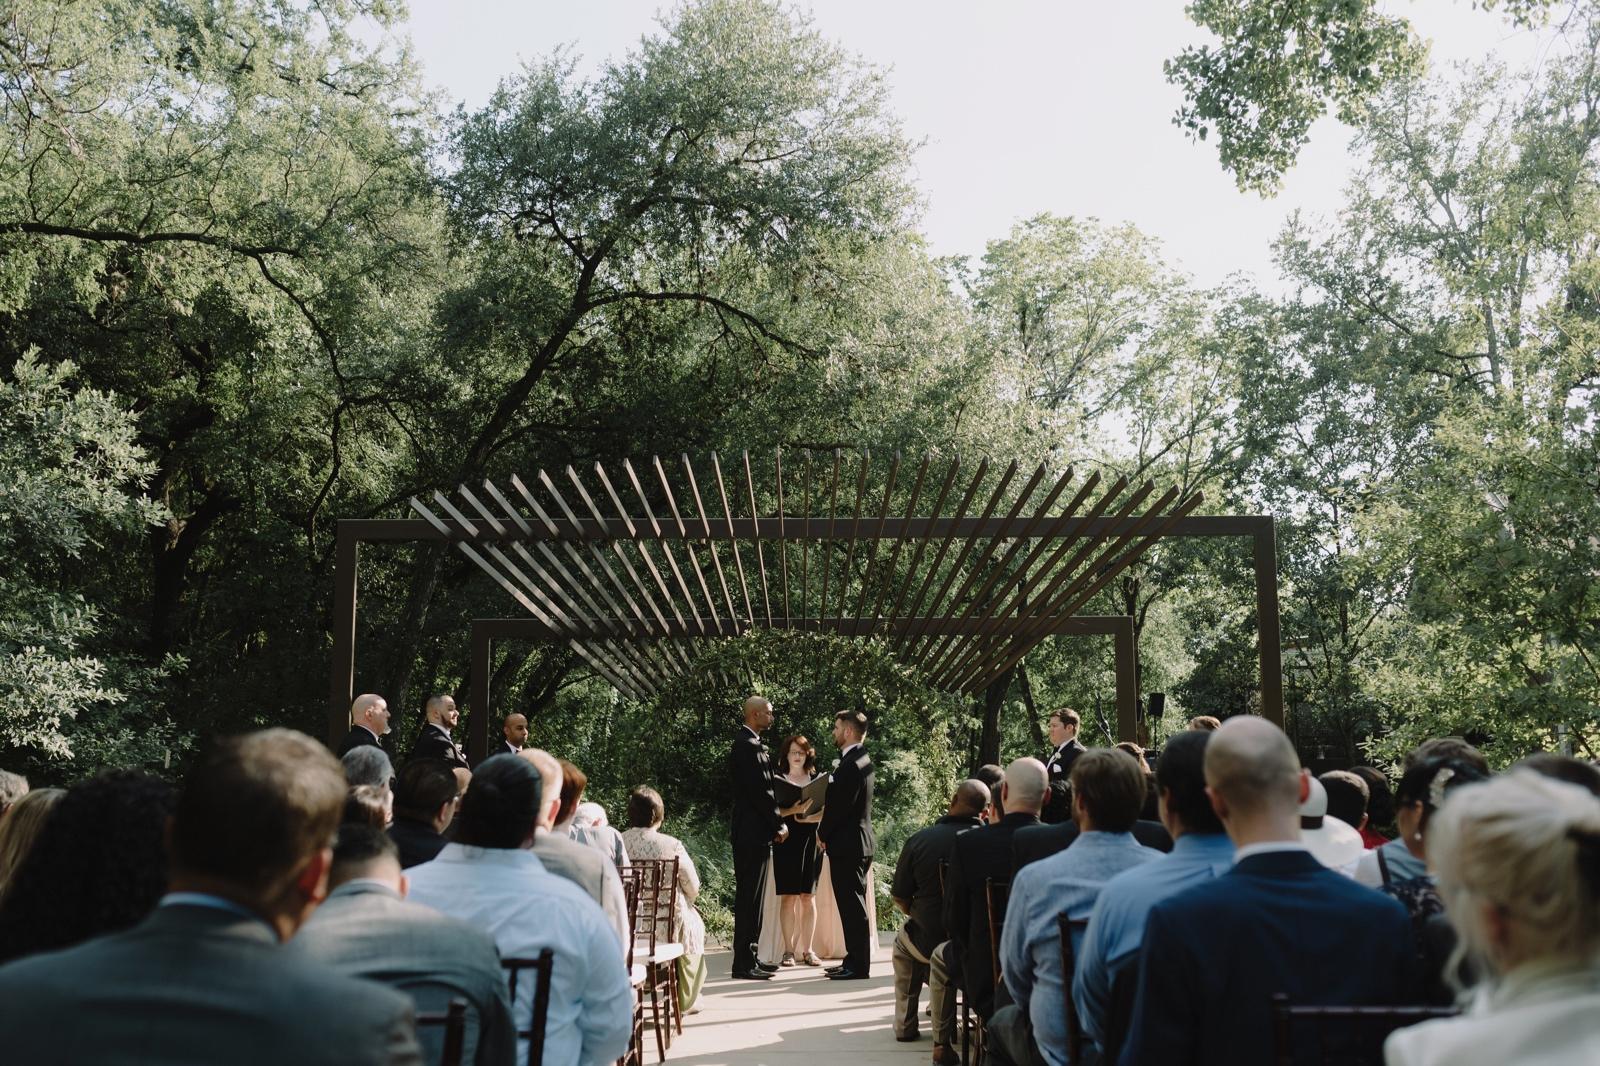 A timeless gay wedding at the Umlauf Sculpture Garden in Austin under the arbor